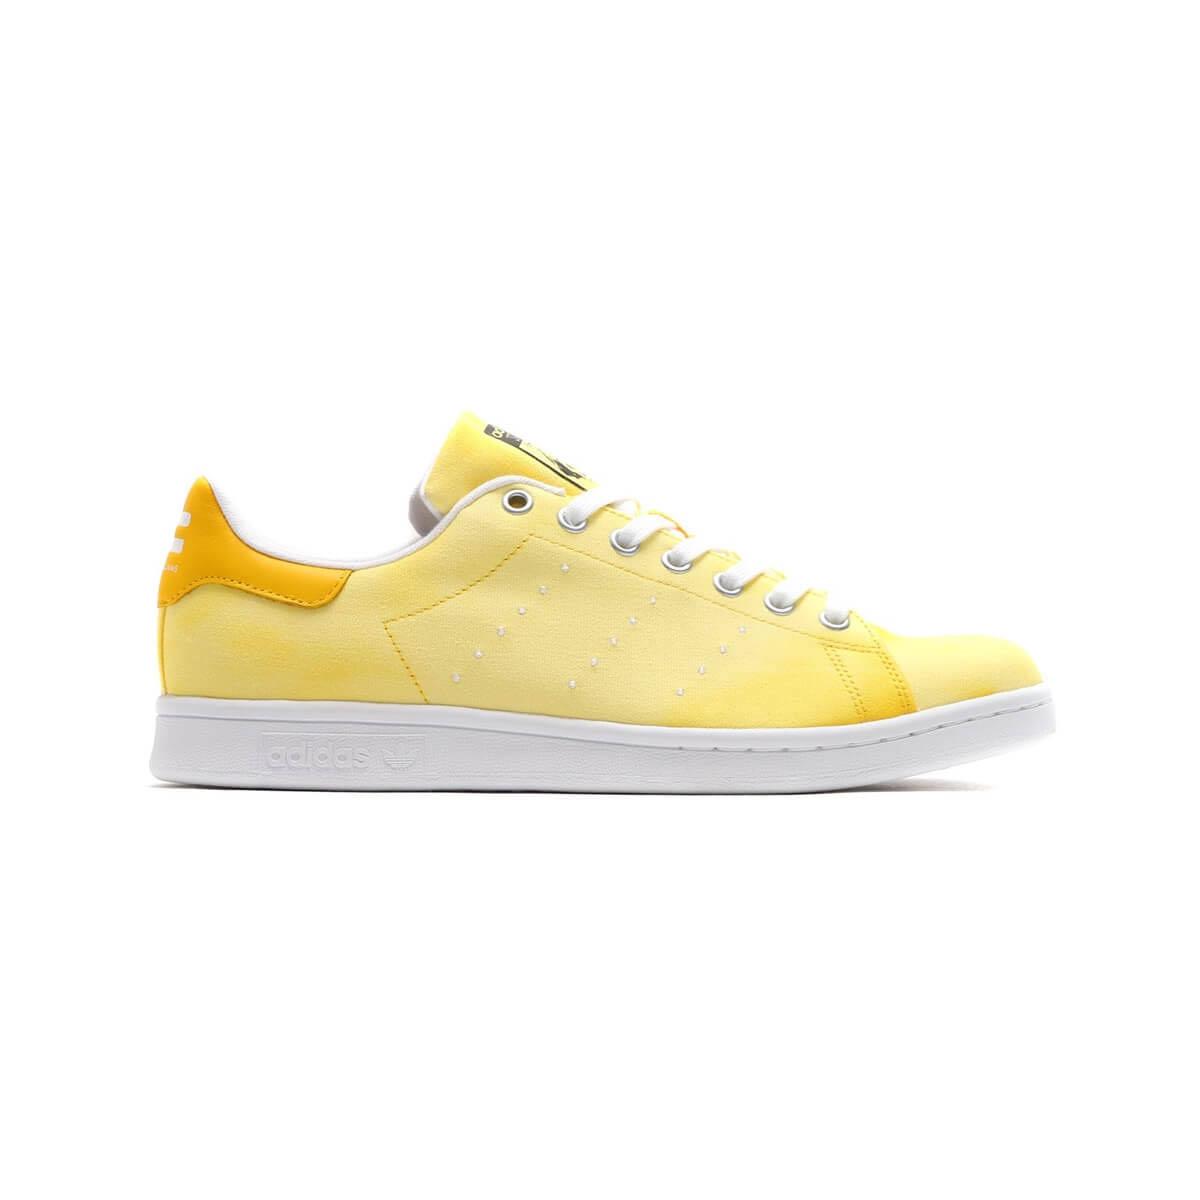 Adidas Men's Shoes Pharrell Williams Hu Holi Stan Smith Yellow White size 4